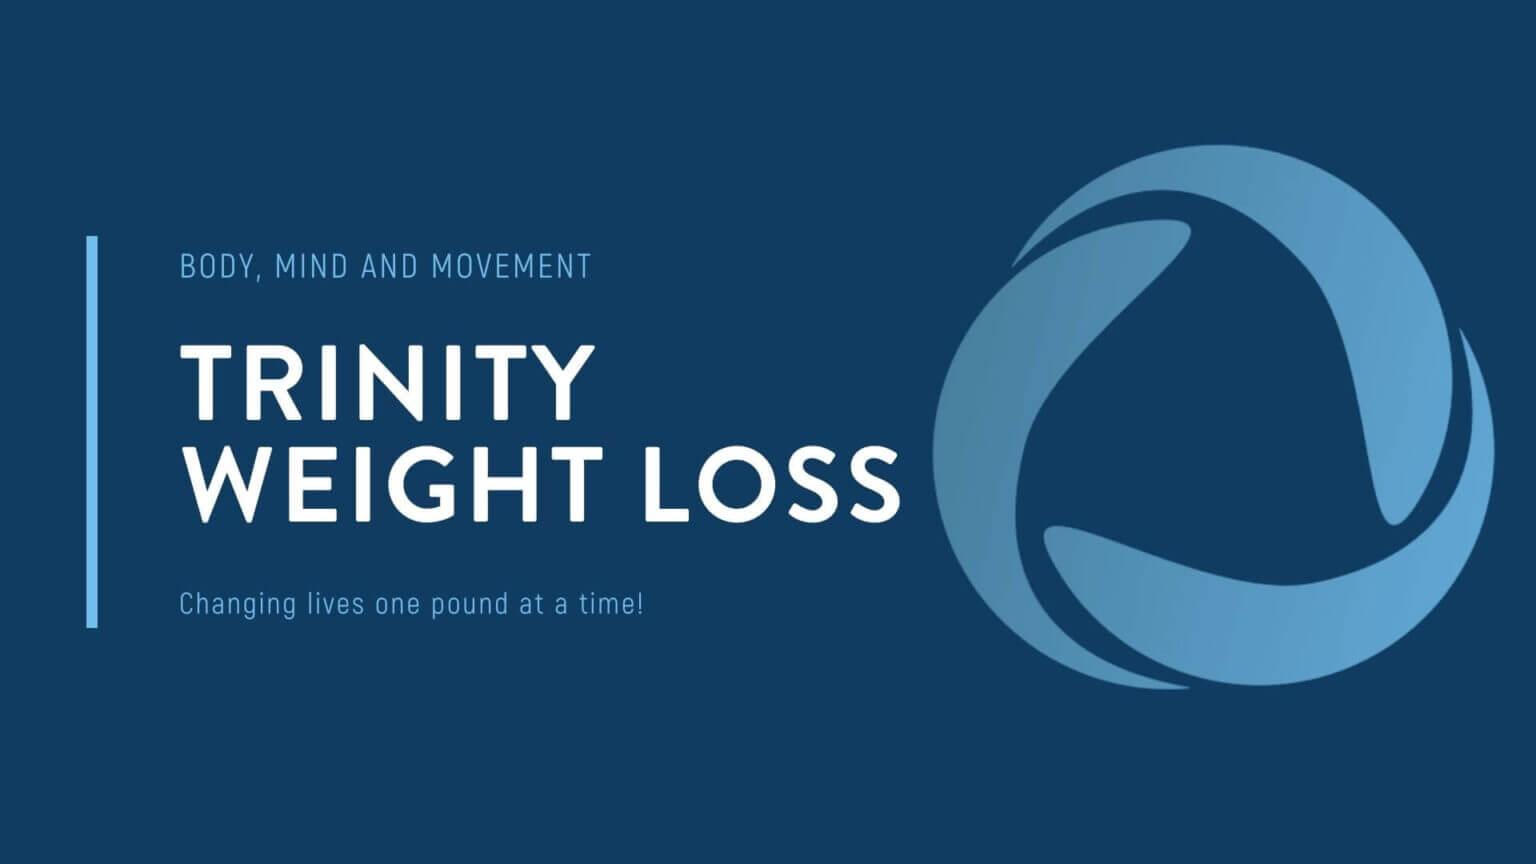 Trinity-Weigth-Loss